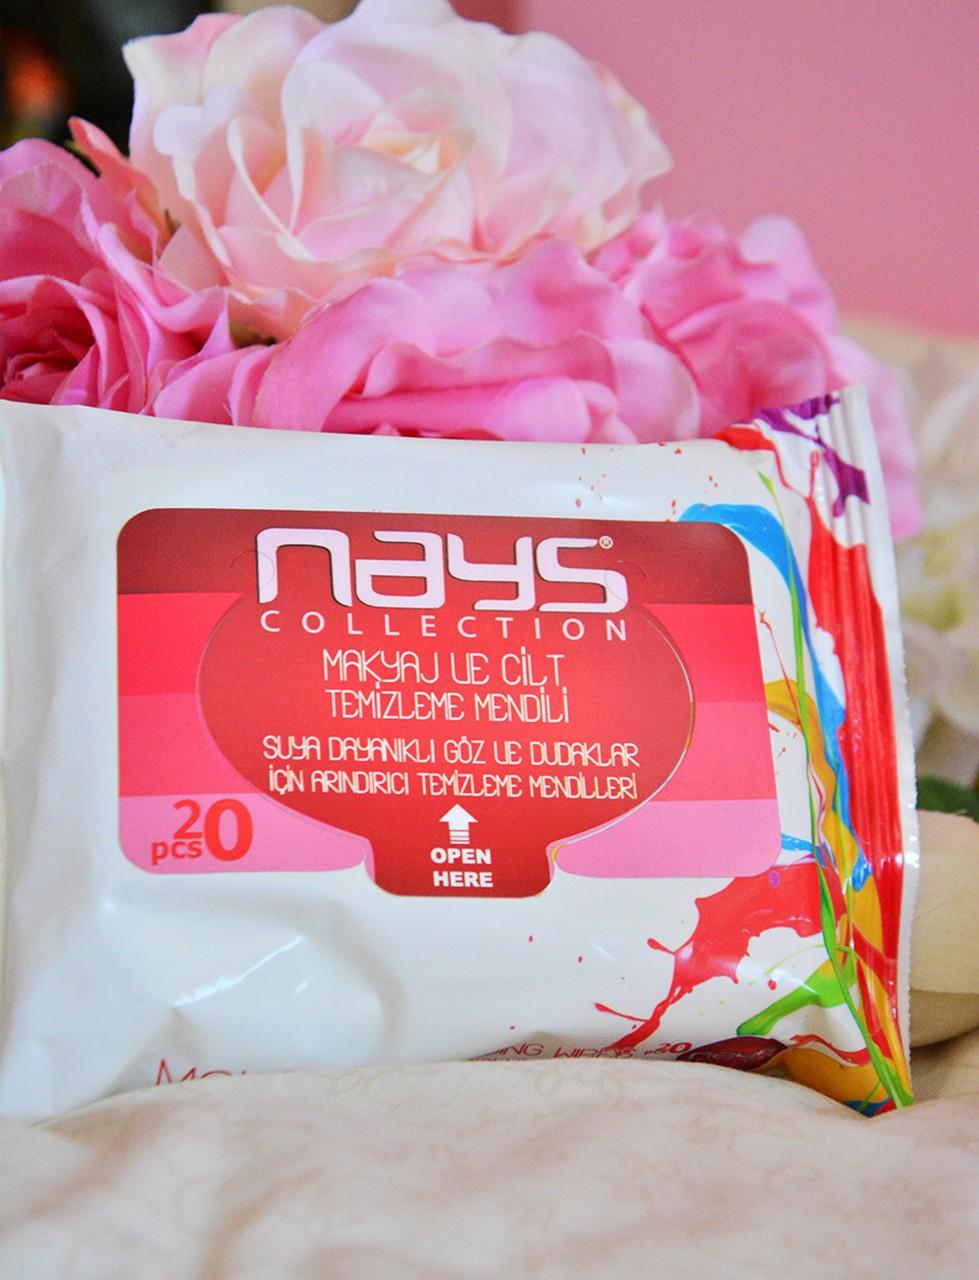 Nays Collection Makyaj ve Cilt Temizleme Mendili Nerede Satılıyor?